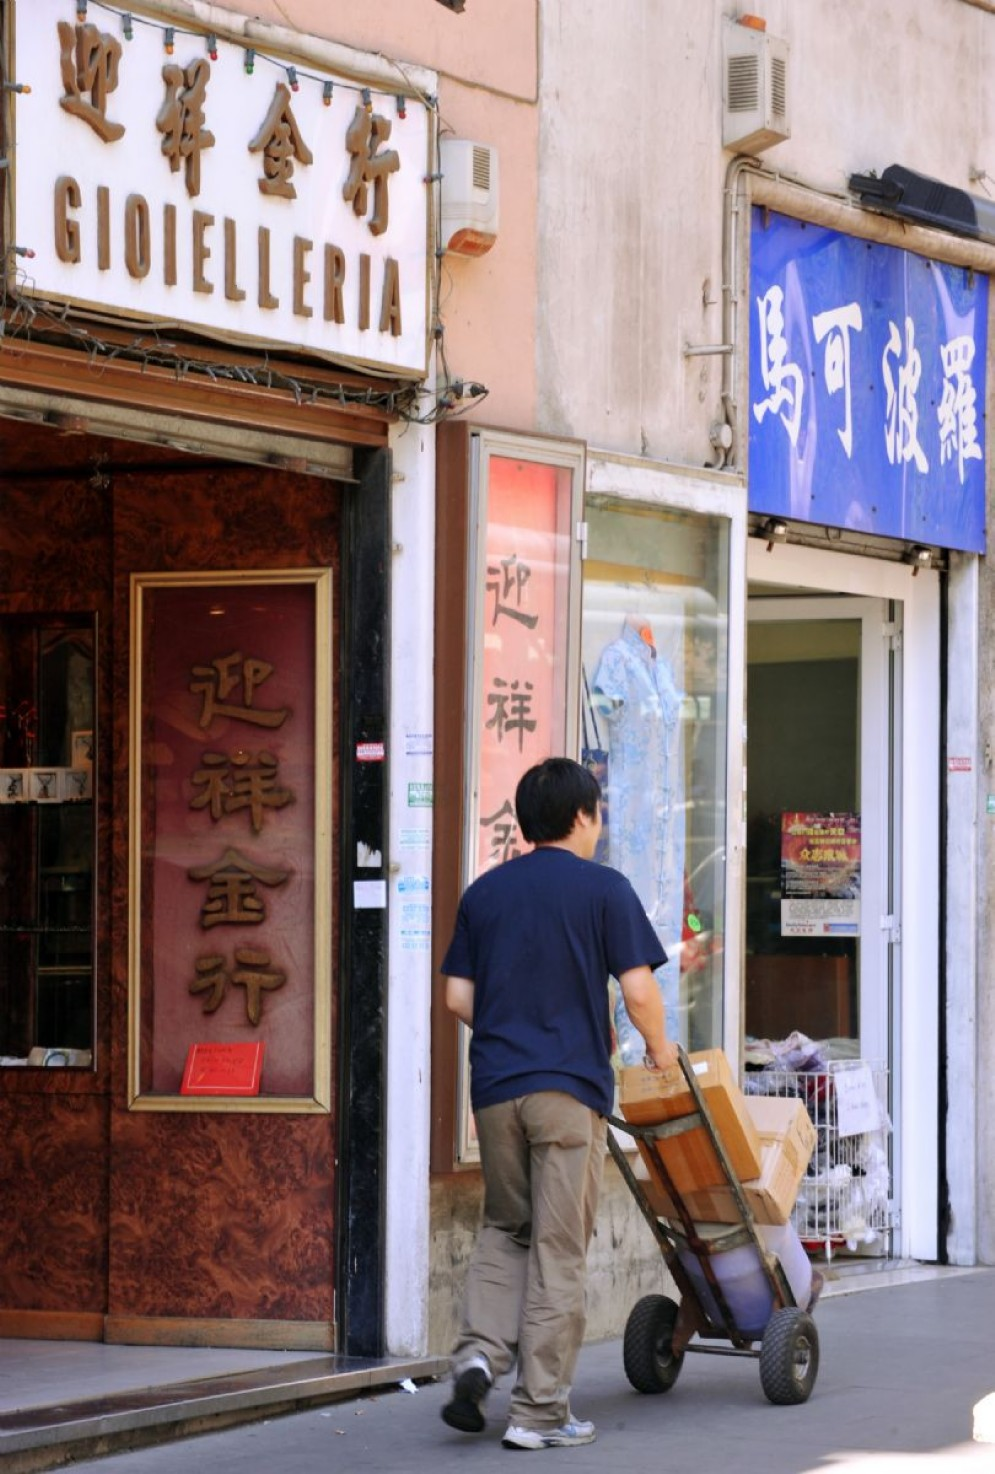 Negozi cinesi nel quartiere esquilino a Roma, zona adiacente piazza Vittorio